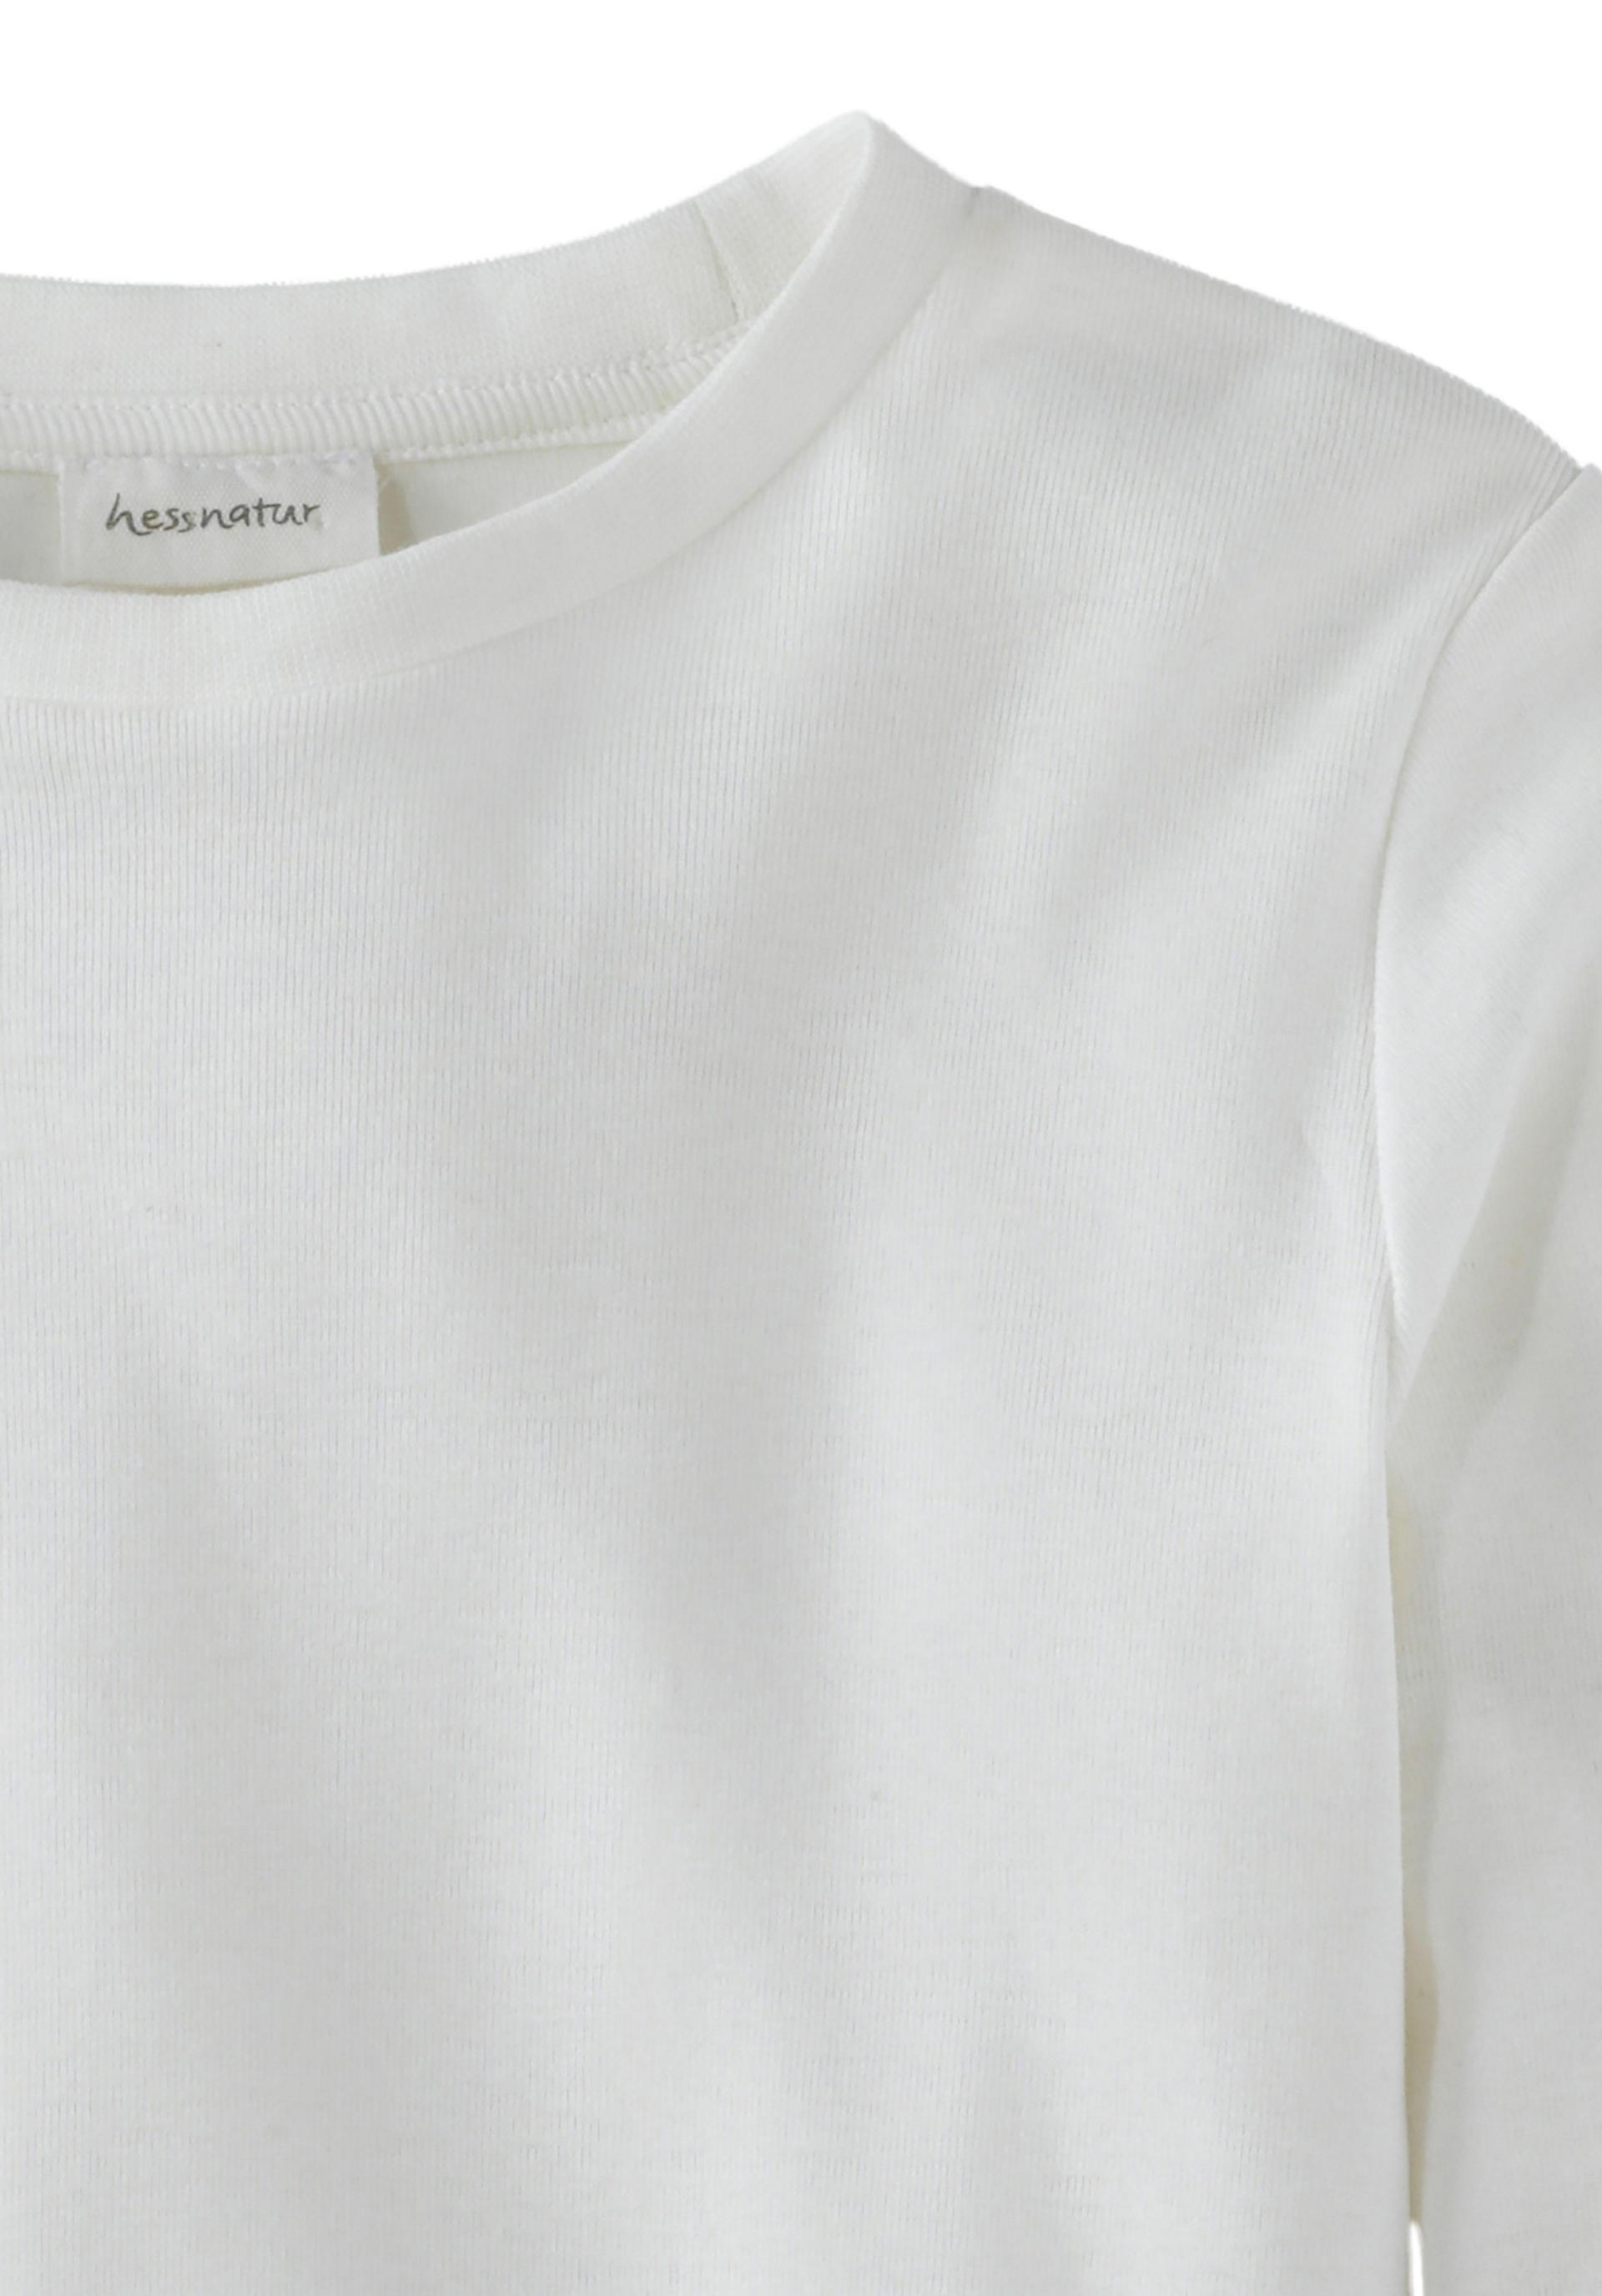 4d34aa7280 Langarmshirt aus reiner Bio-Baumwolle - hessnatur Deutschland